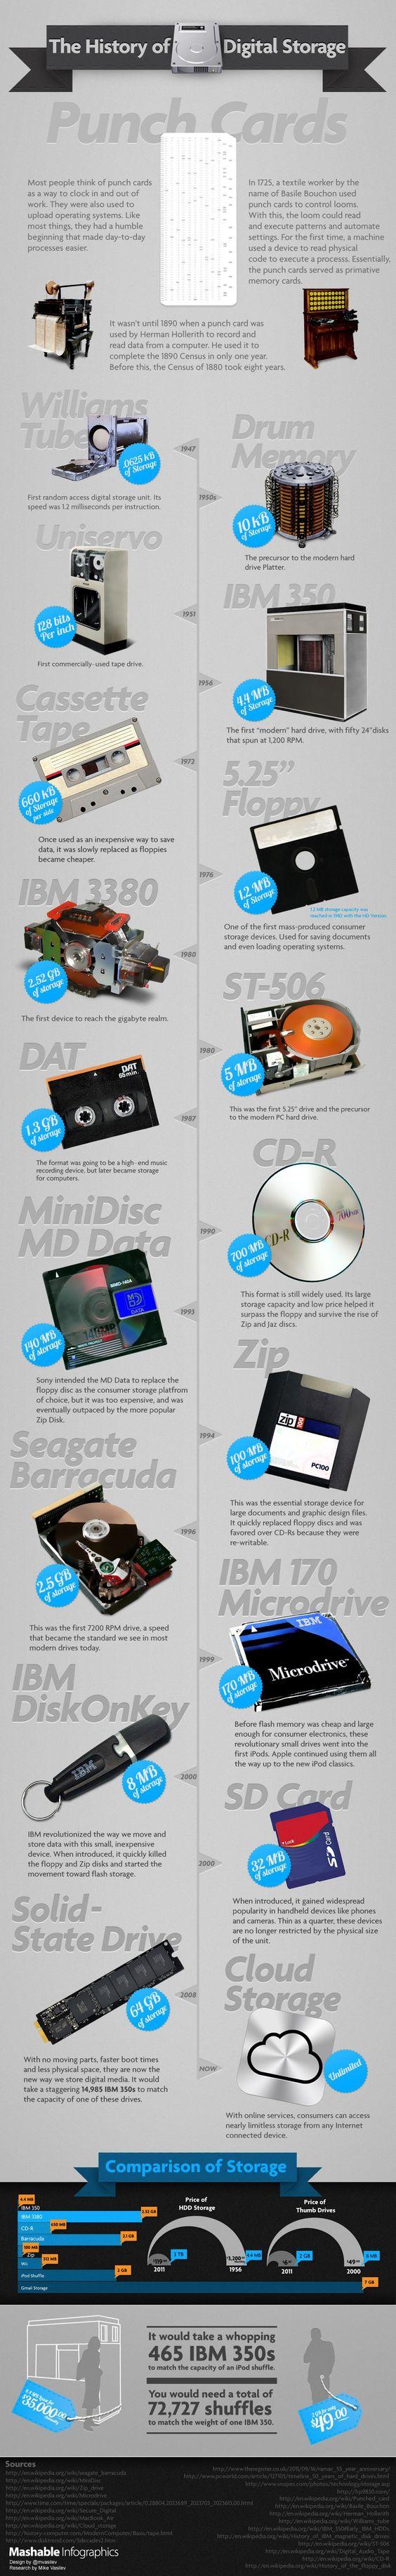 Dijital Depolama Alanı Tarihi